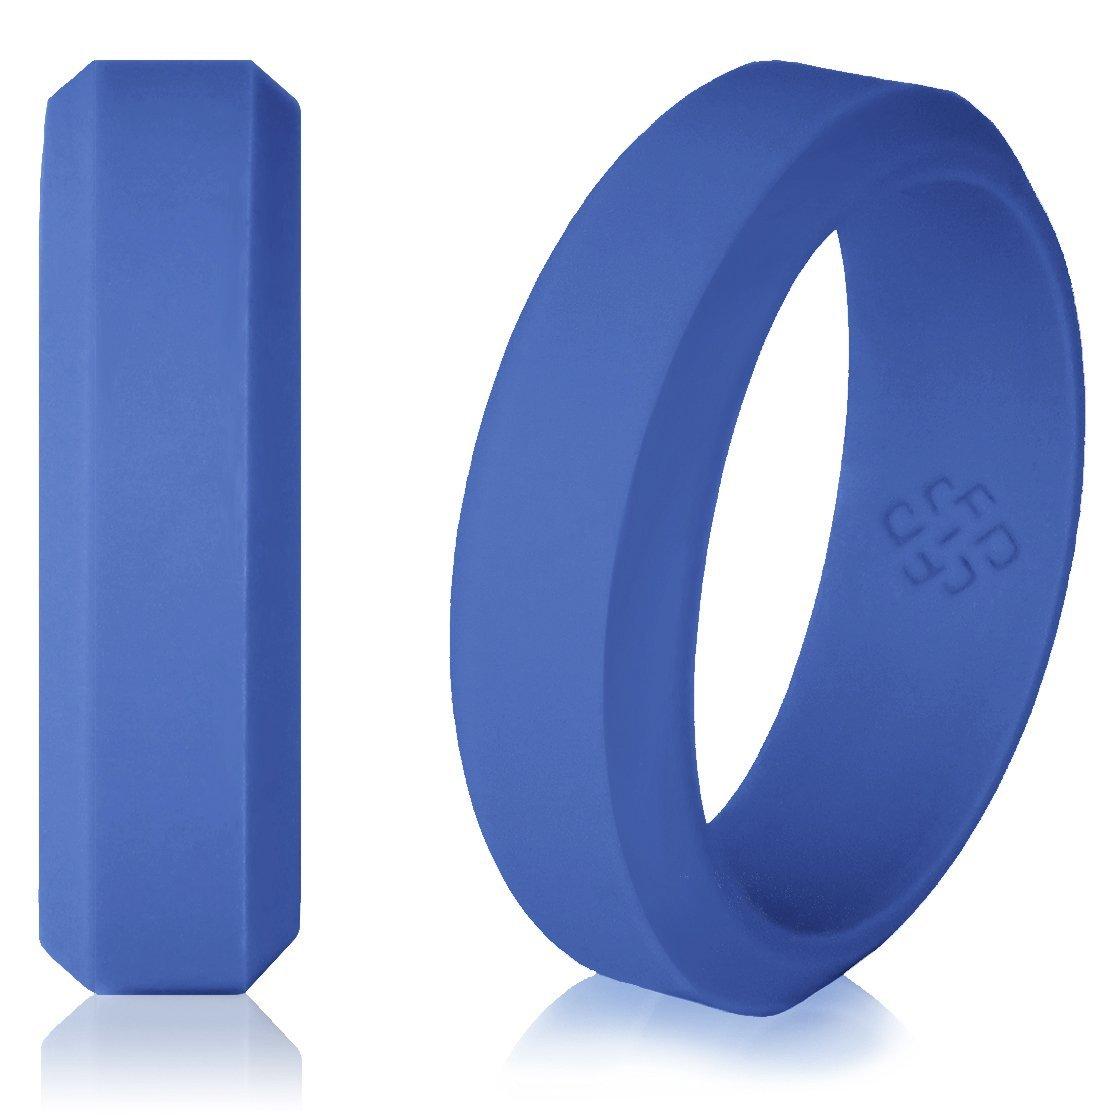 最新デザインの (ノットセオリー) Knot Theory Blue シリコン製結婚指輪 シルバー/ゴールド Size/グレー/ブルー 14 メンズ レディース 受賞歴のあるデザイナーが手がけた薄型の指輪 高品質 おしゃれ 安全 快適 旅行/仕事/エクササイズに最適 B01G8LNTPW Cobalt Blue Bevel Design Size 14 (8mm WIDER Bandwidth) Size 14 (8mm WIDER Bandwidth) Cobalt Blue Bevel Design, メマンベツチョウ:72e9c3d7 --- arianechie.dominiotemporario.com